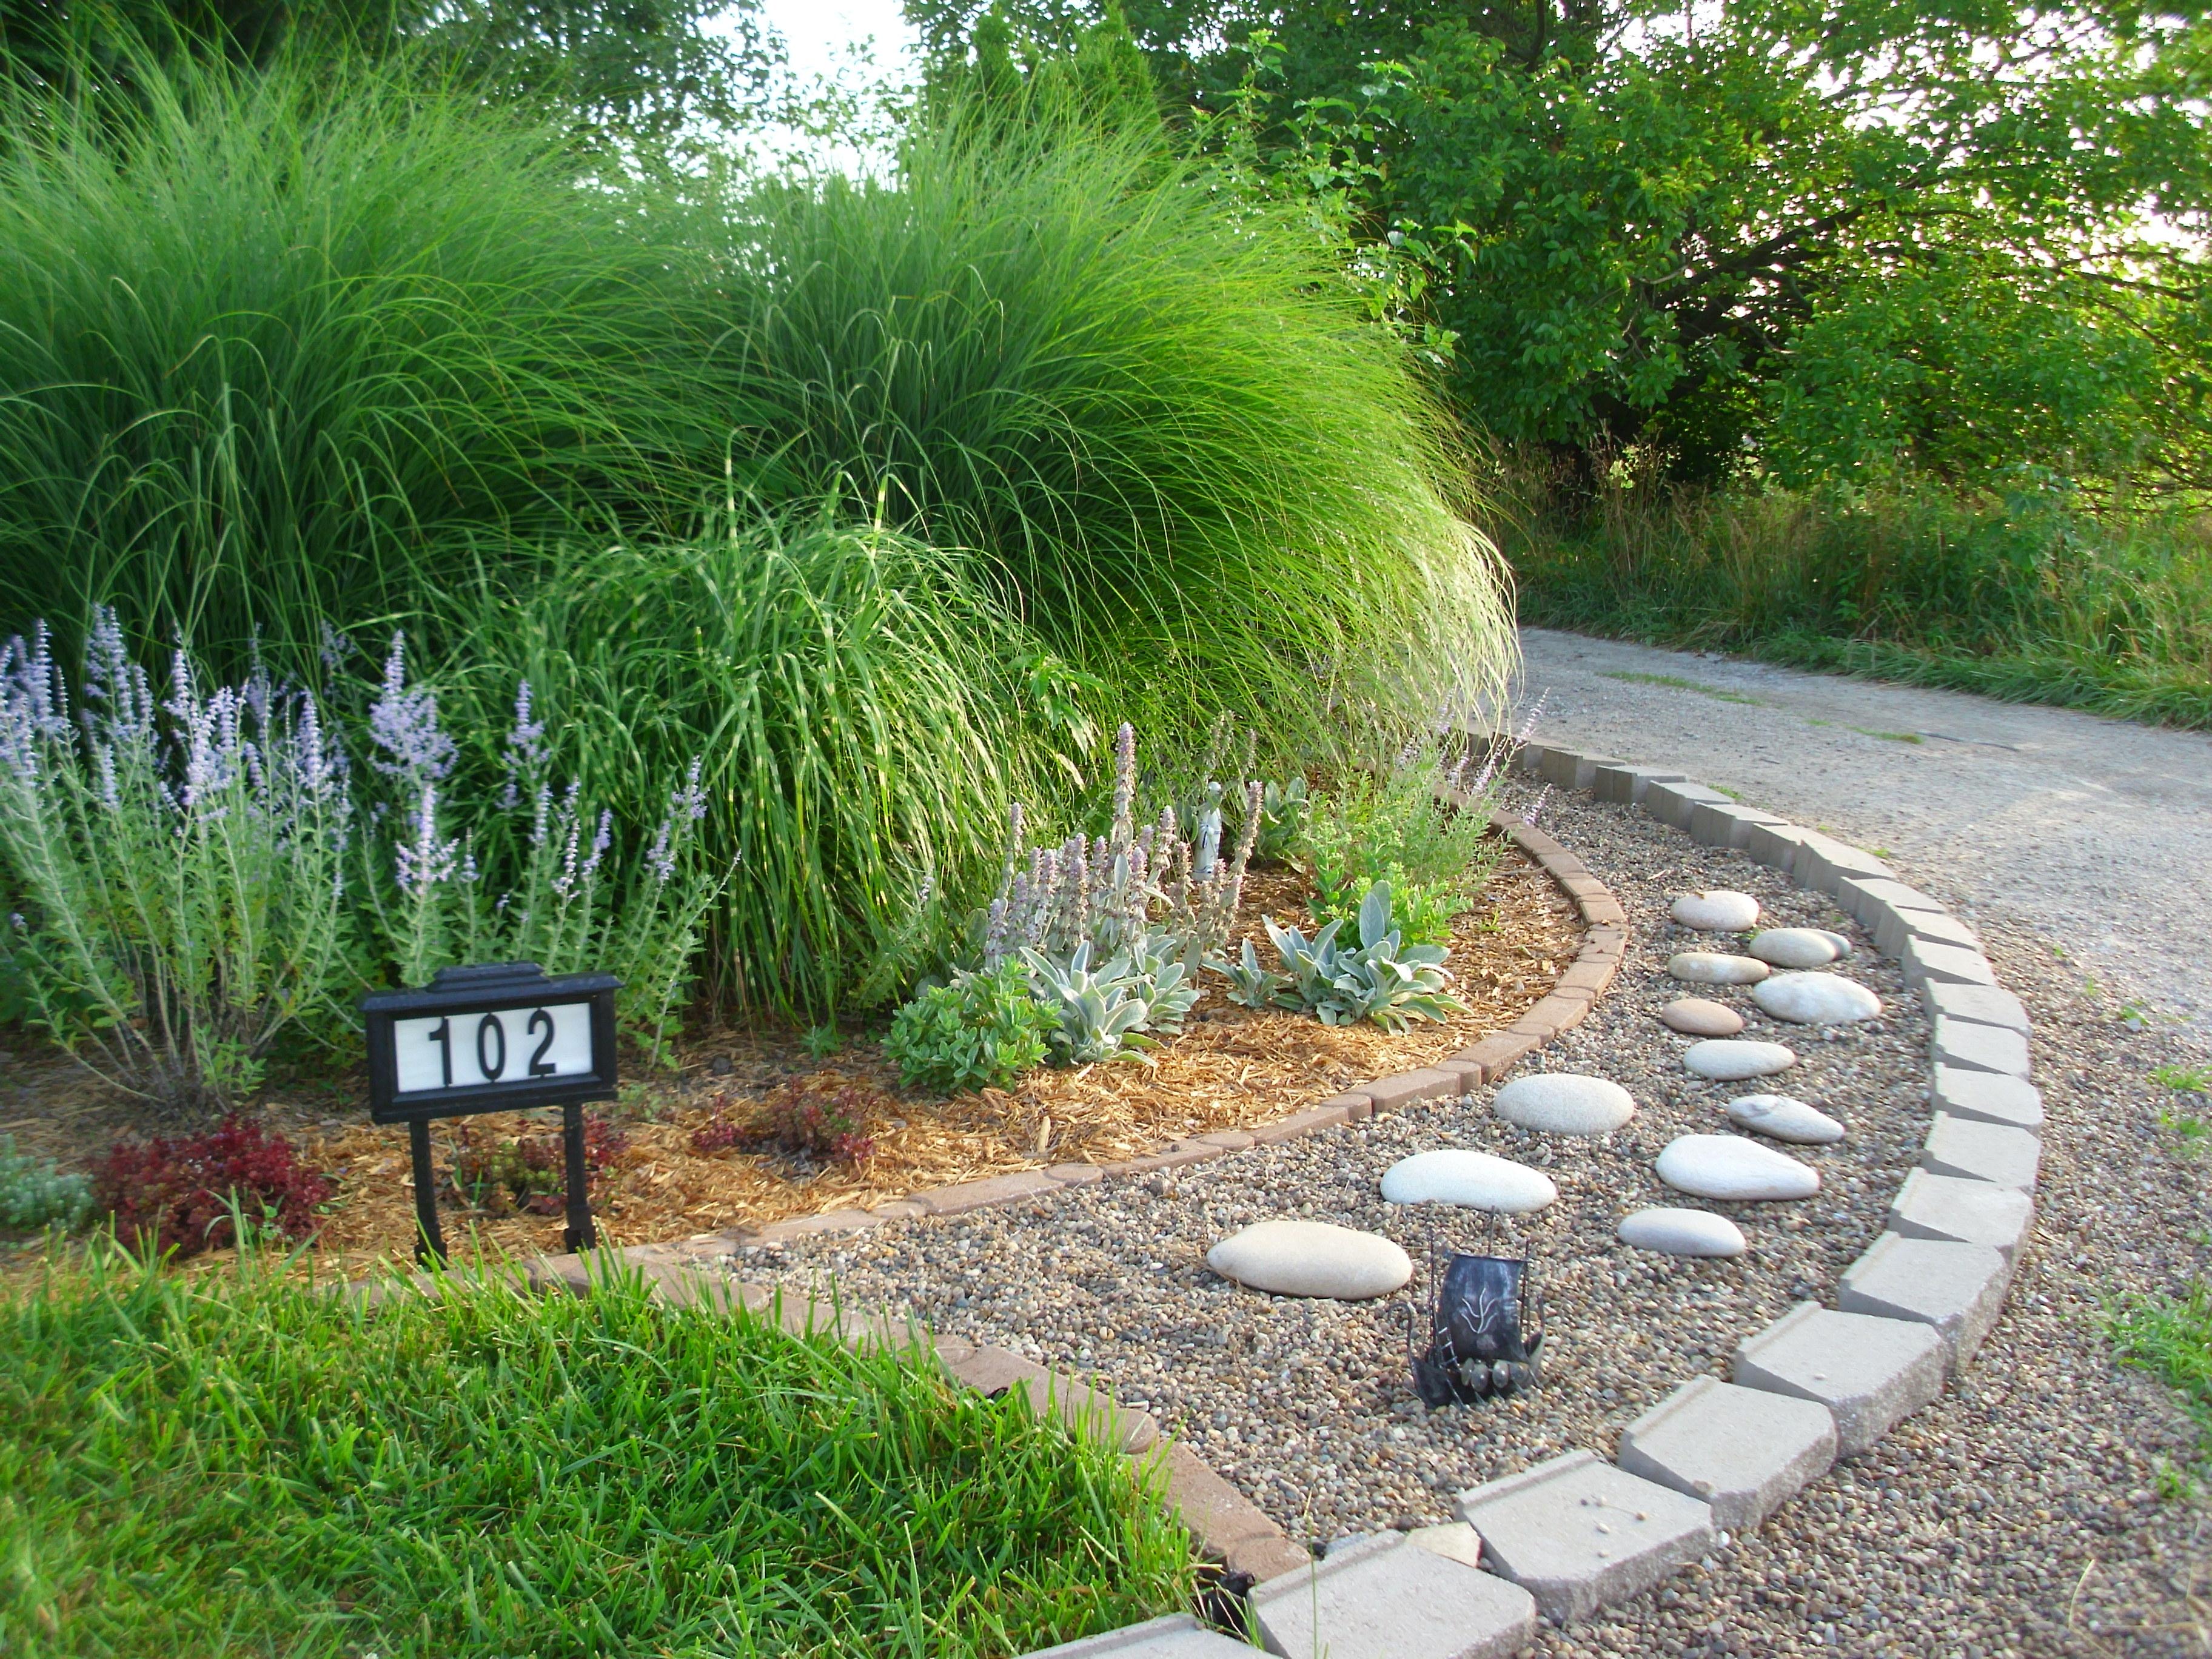 Morehead Garden Designs | Landscape&GardenInstallations on Patio And Grass Garden Ideas id=78274